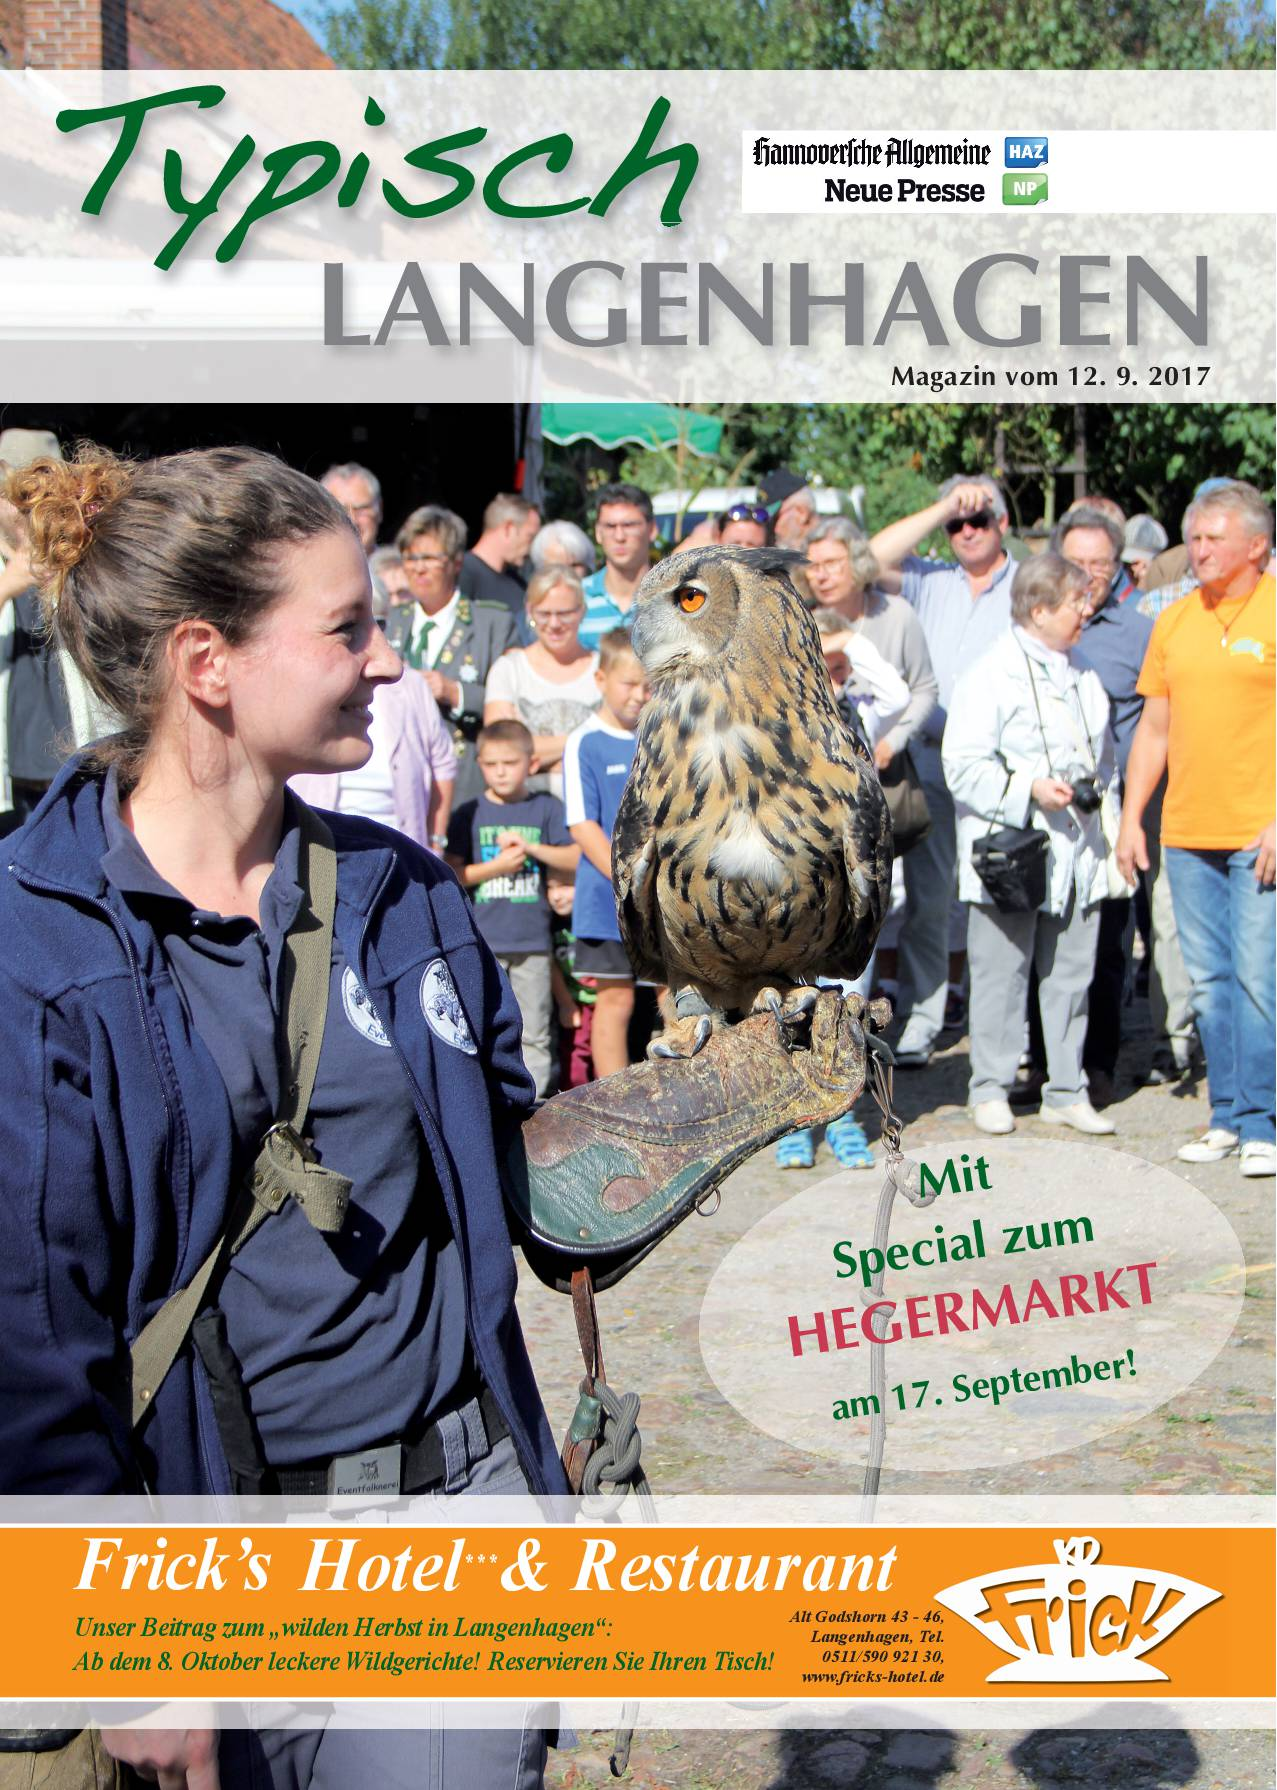 langenhagen-nr-9-vom-12-09-2017